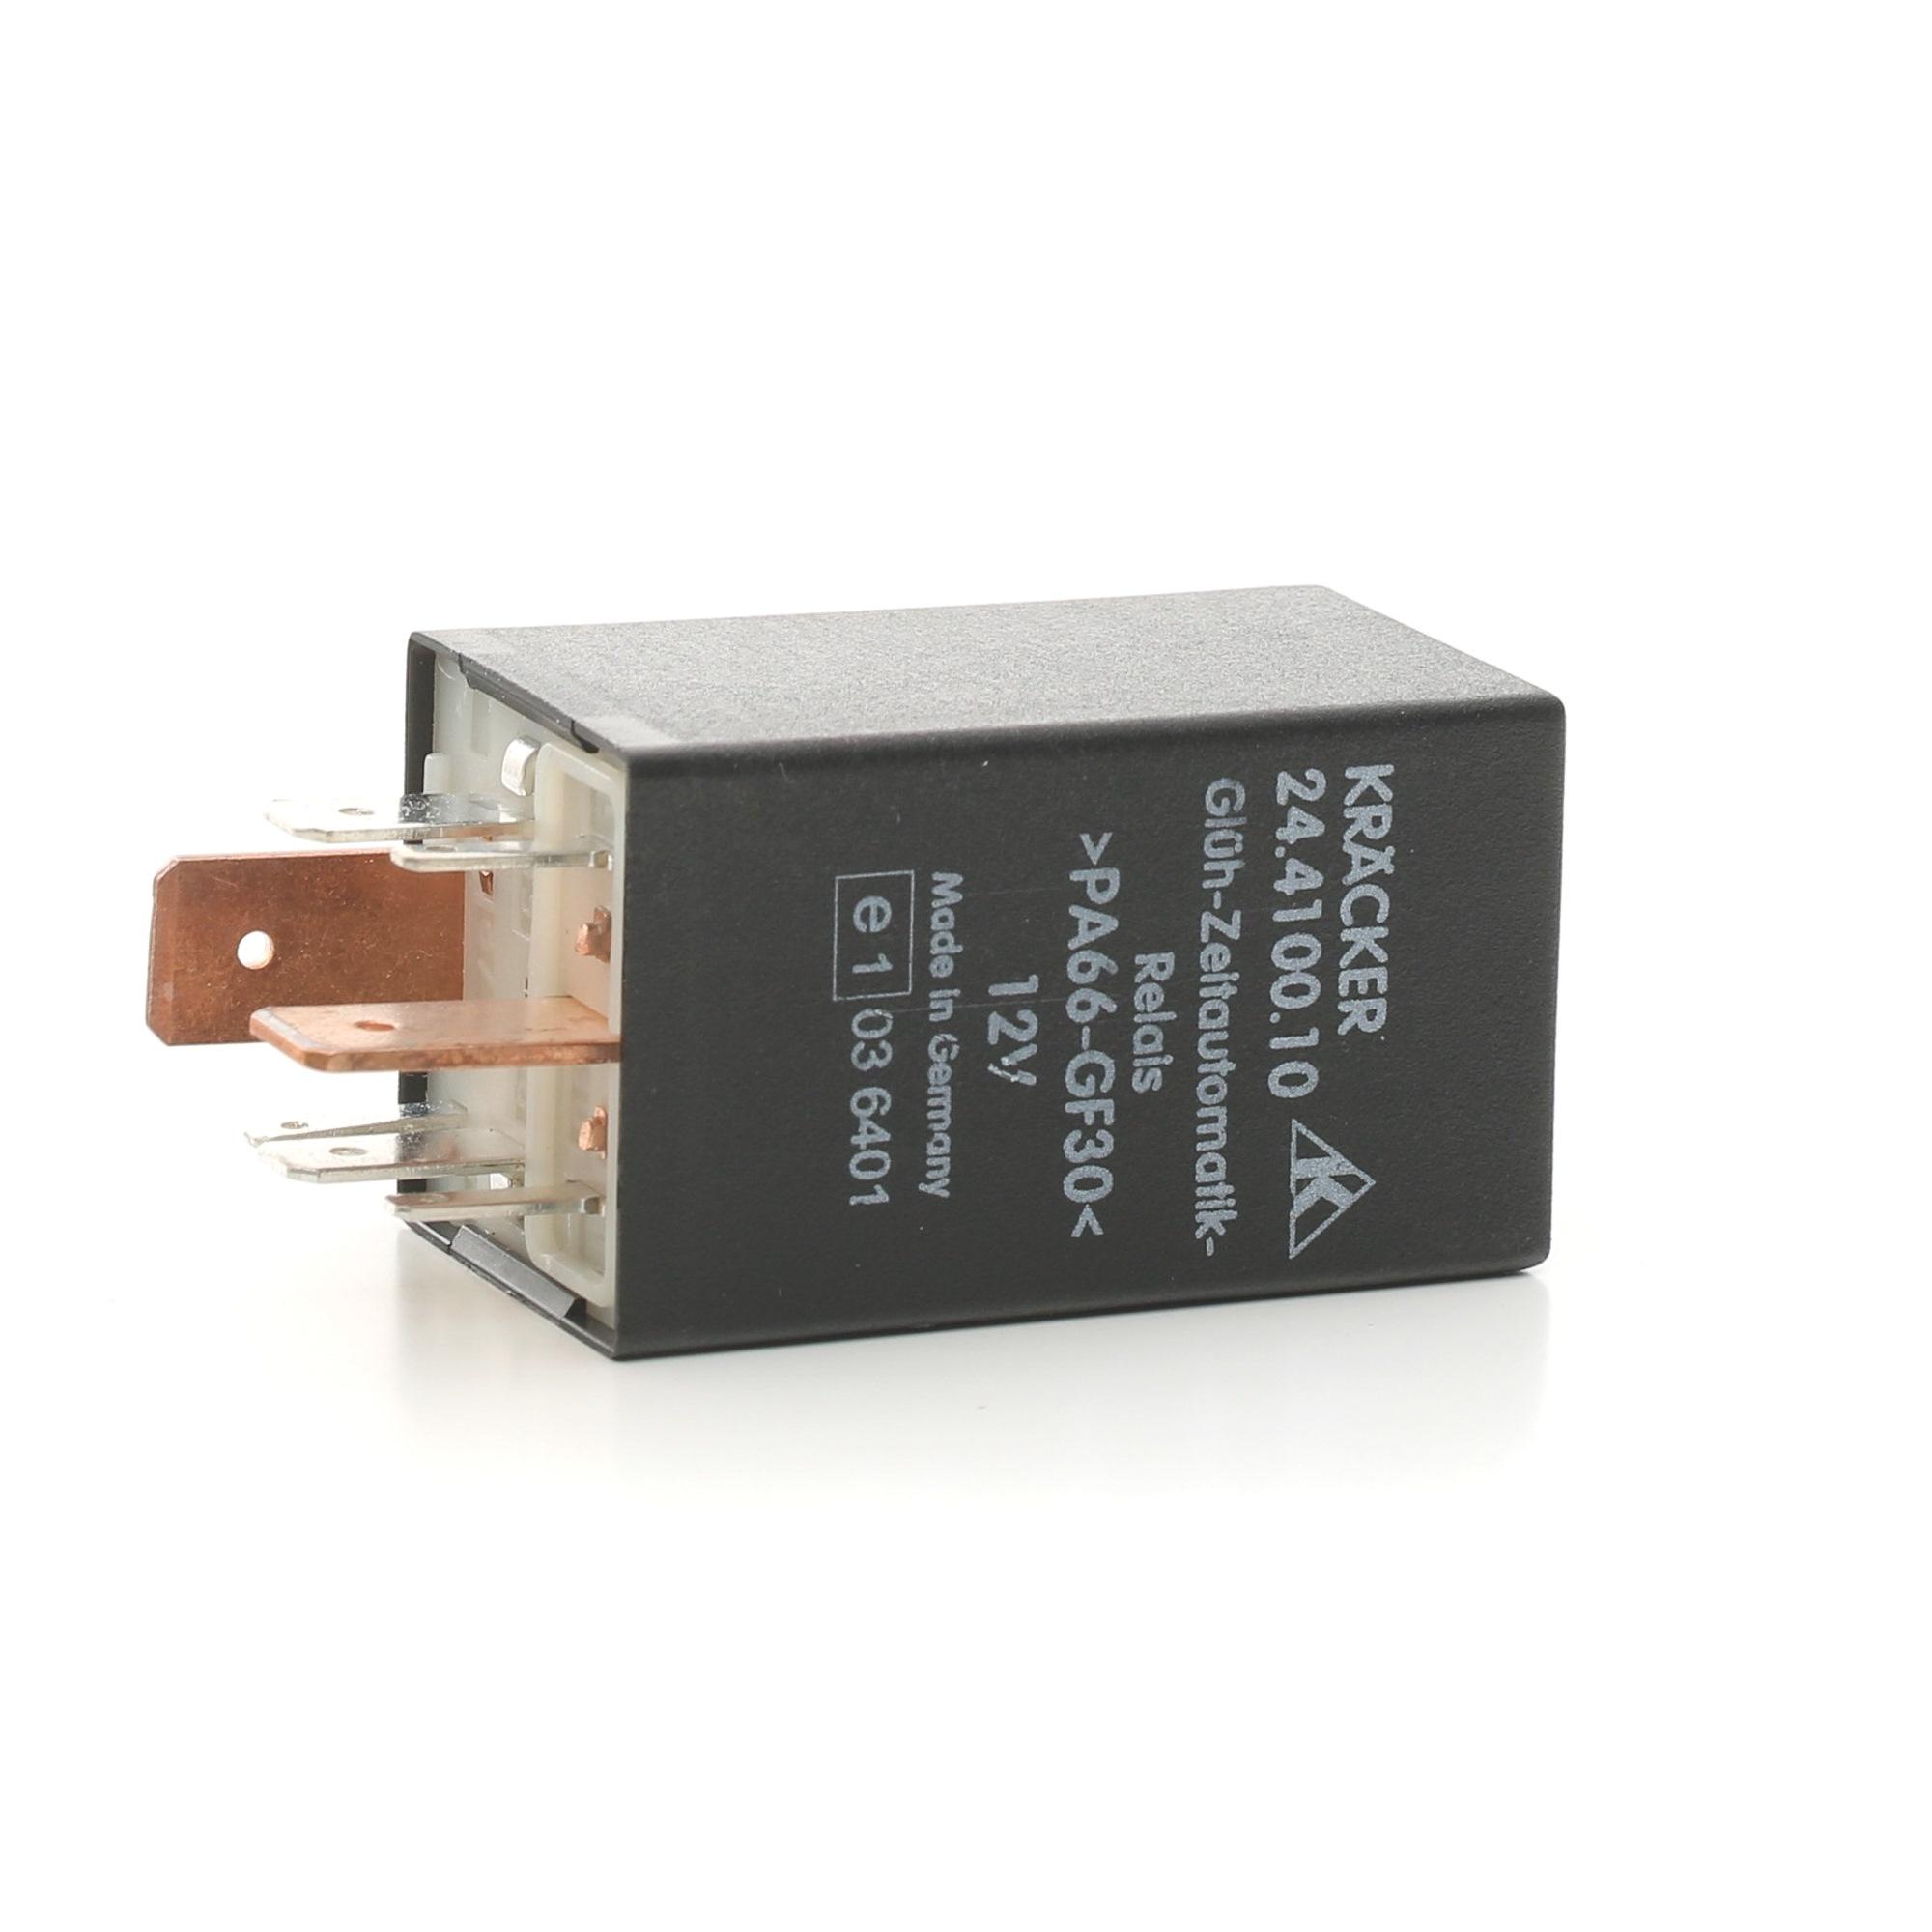 VEMO: Original Steuergerät Glühzeit V15-71-0016 (Spannung: 12V, Pol-Anzahl: 7-polig)